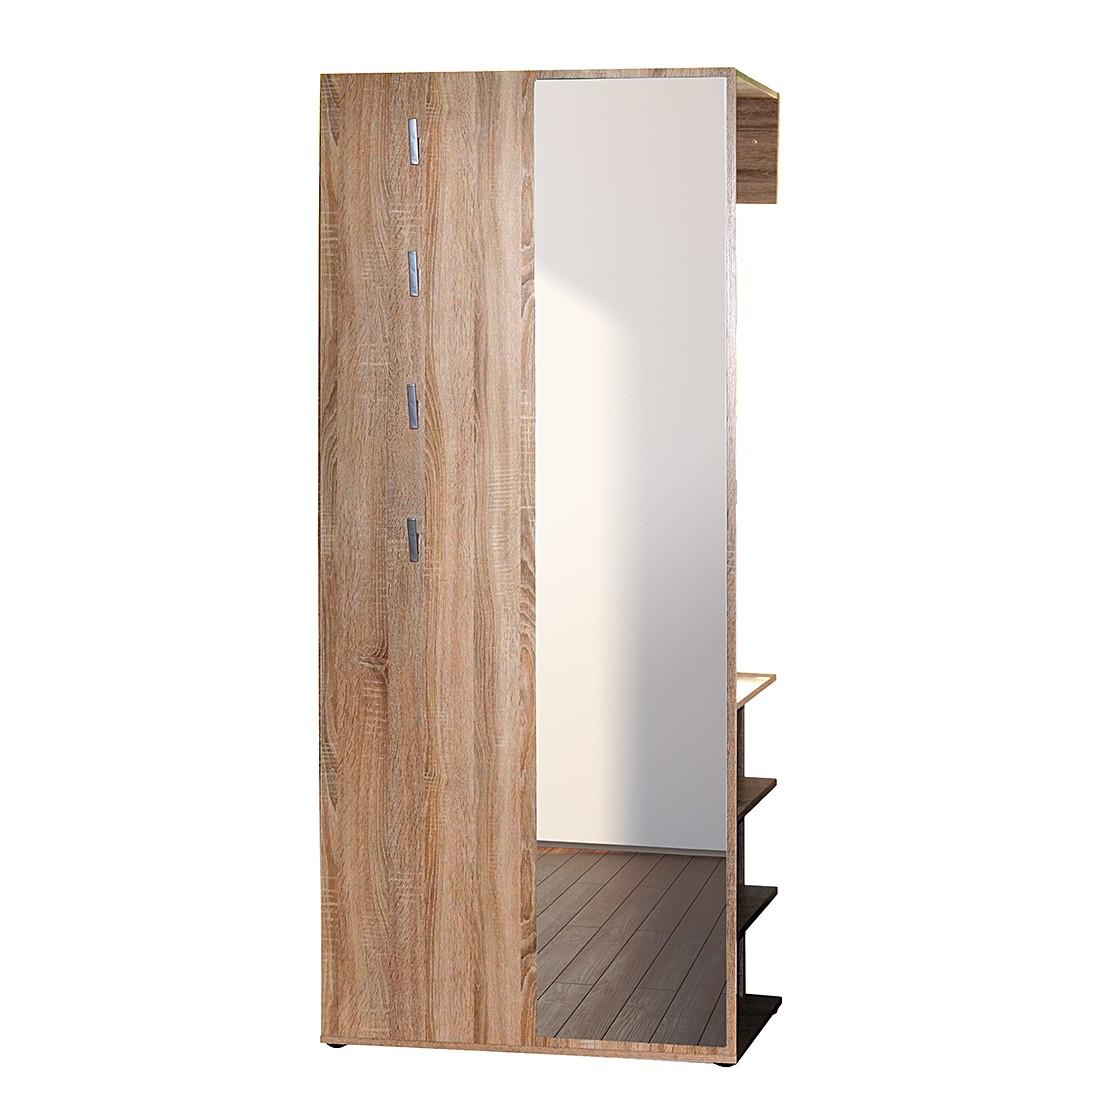 Garderobe 80 cm breit preisvergleiche for Garderobe 1m breit